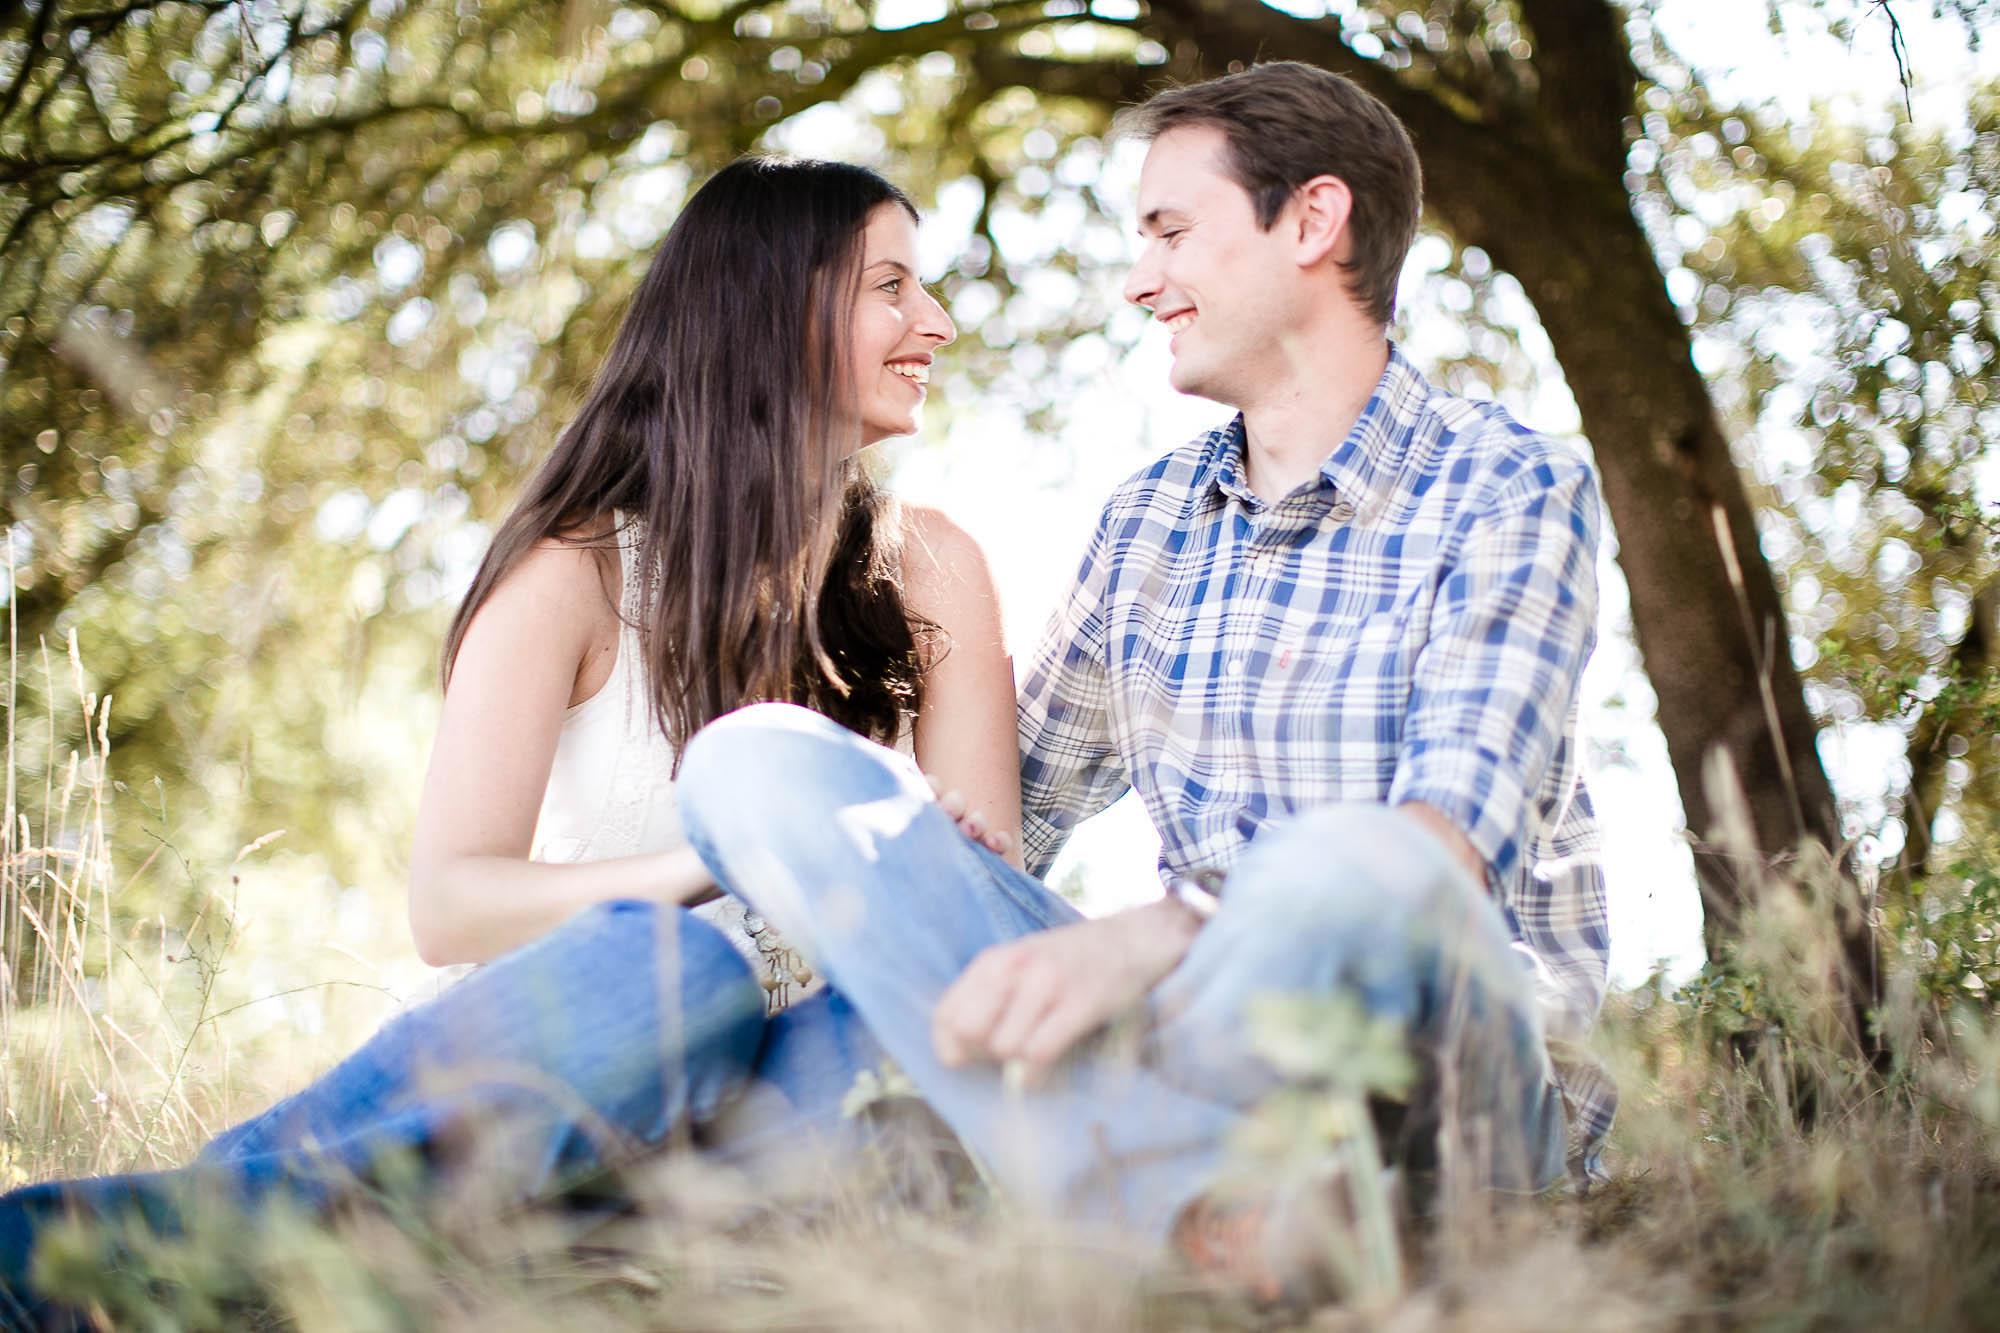 Ellos se miran y ríen juntos sentados bajo un árbol en el campo